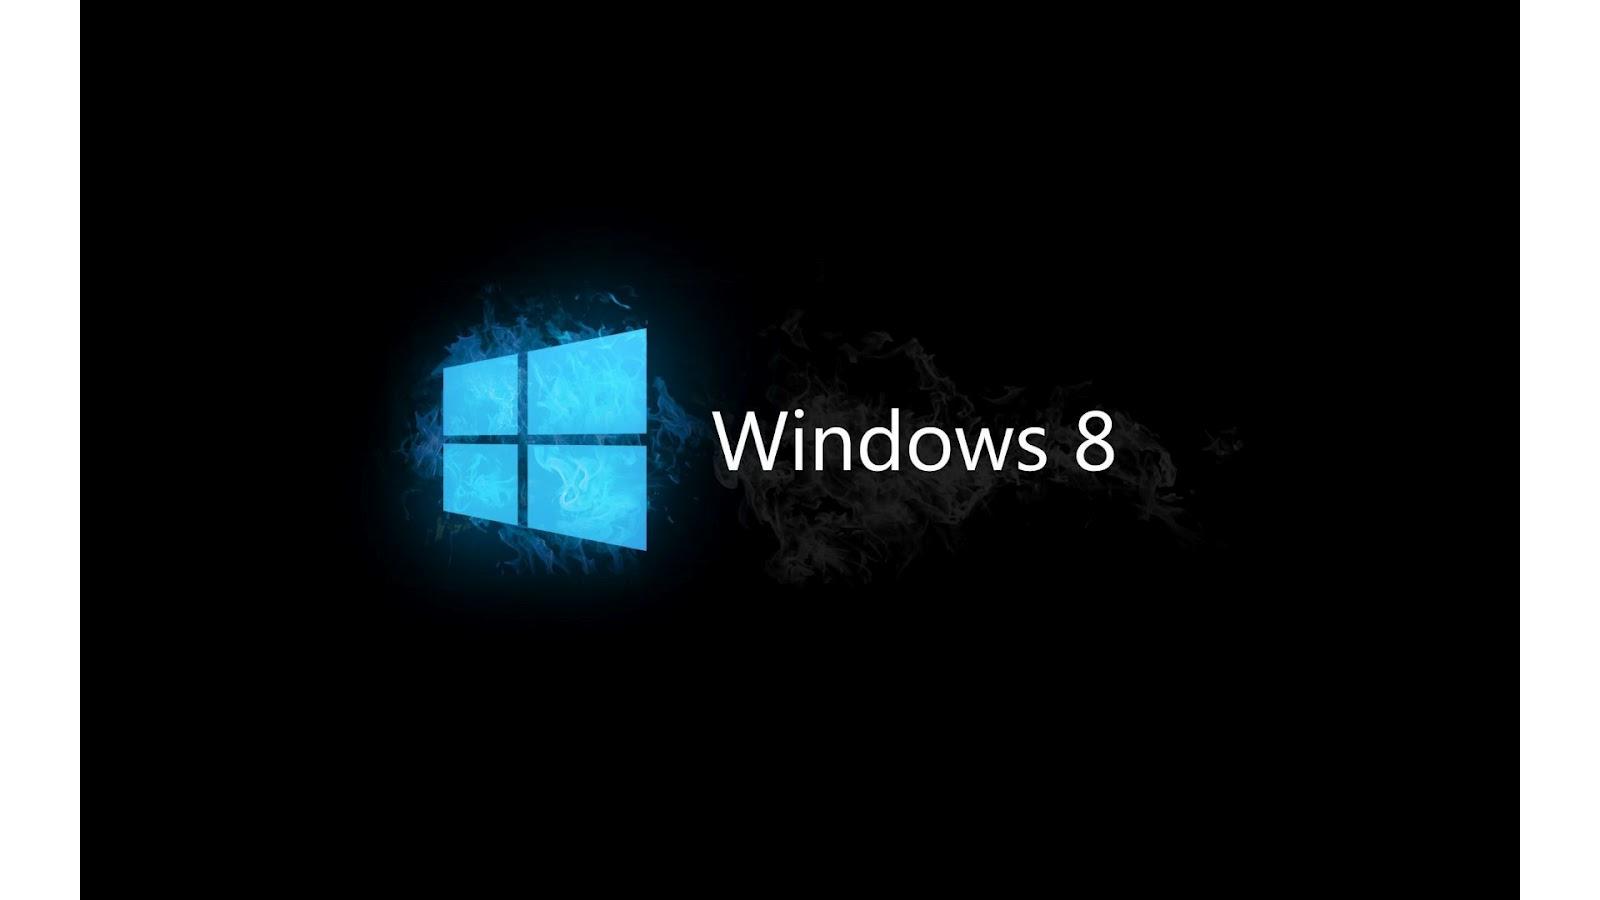 http://1.bp.blogspot.com/-KIhCFlFOdTw/UPzPny4iR2I/AAAAAAAAOfY/Km1sTTNe9C8/s1600/Windows%2B8%2BHd%2B1080%2BWallpaper%2B(29).jpg